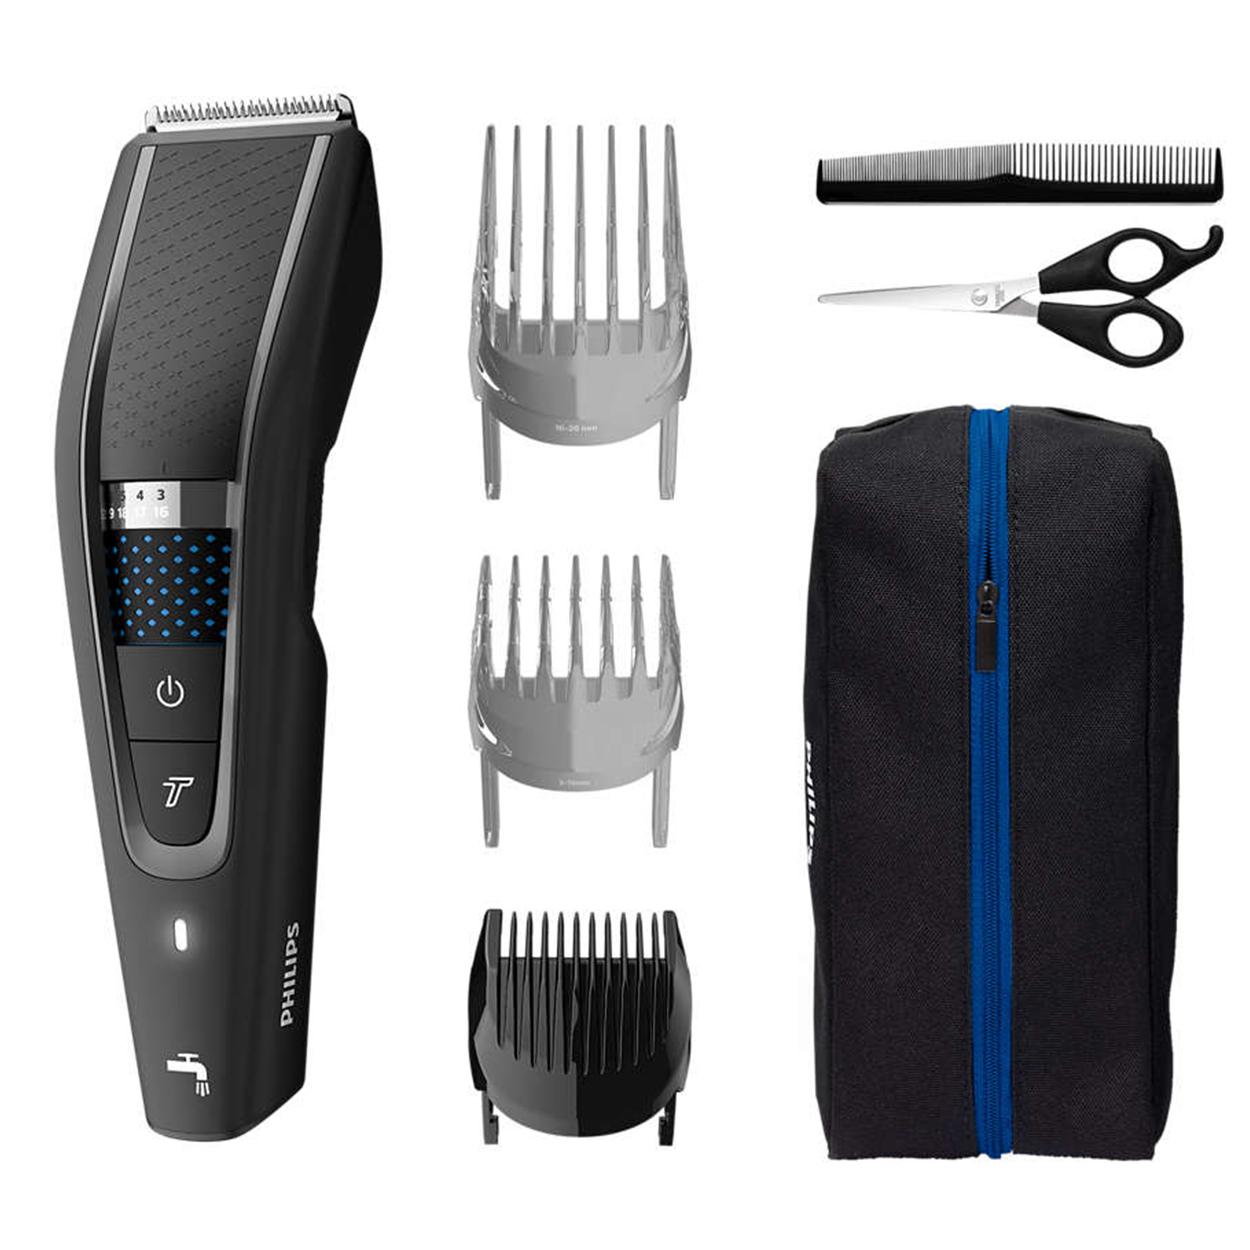 Pirkite Hairclipper series 5000 Plaunama plaukų kirpimo mašinėlę HC5632/15 elektroninėje | Philips parduotuvėje